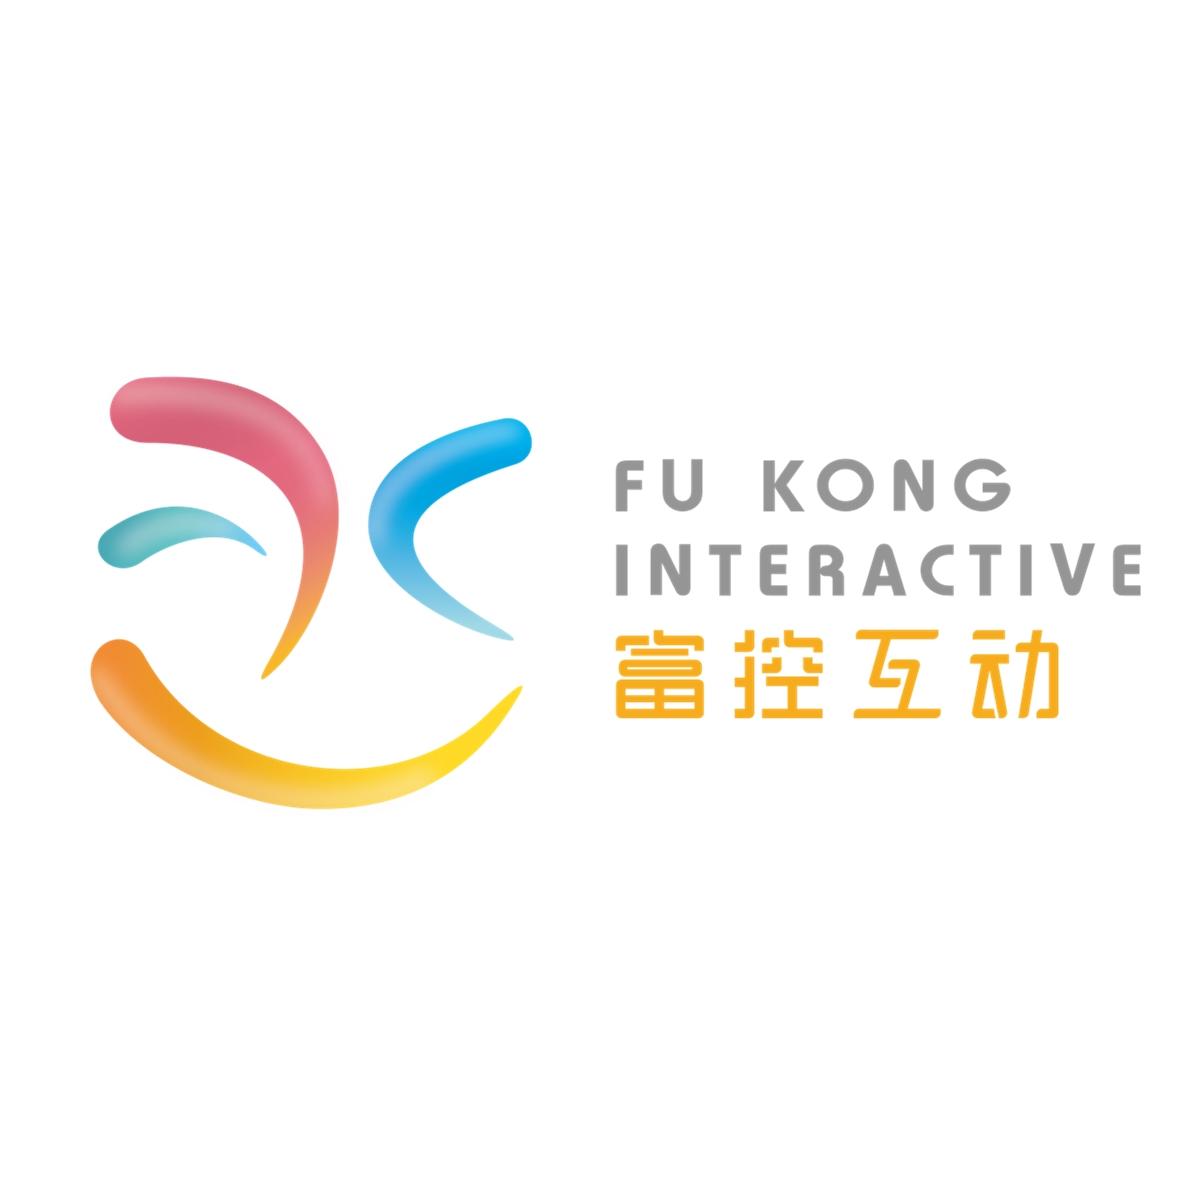 上海富控互动娱乐股份有限公司(简称富控游戏)